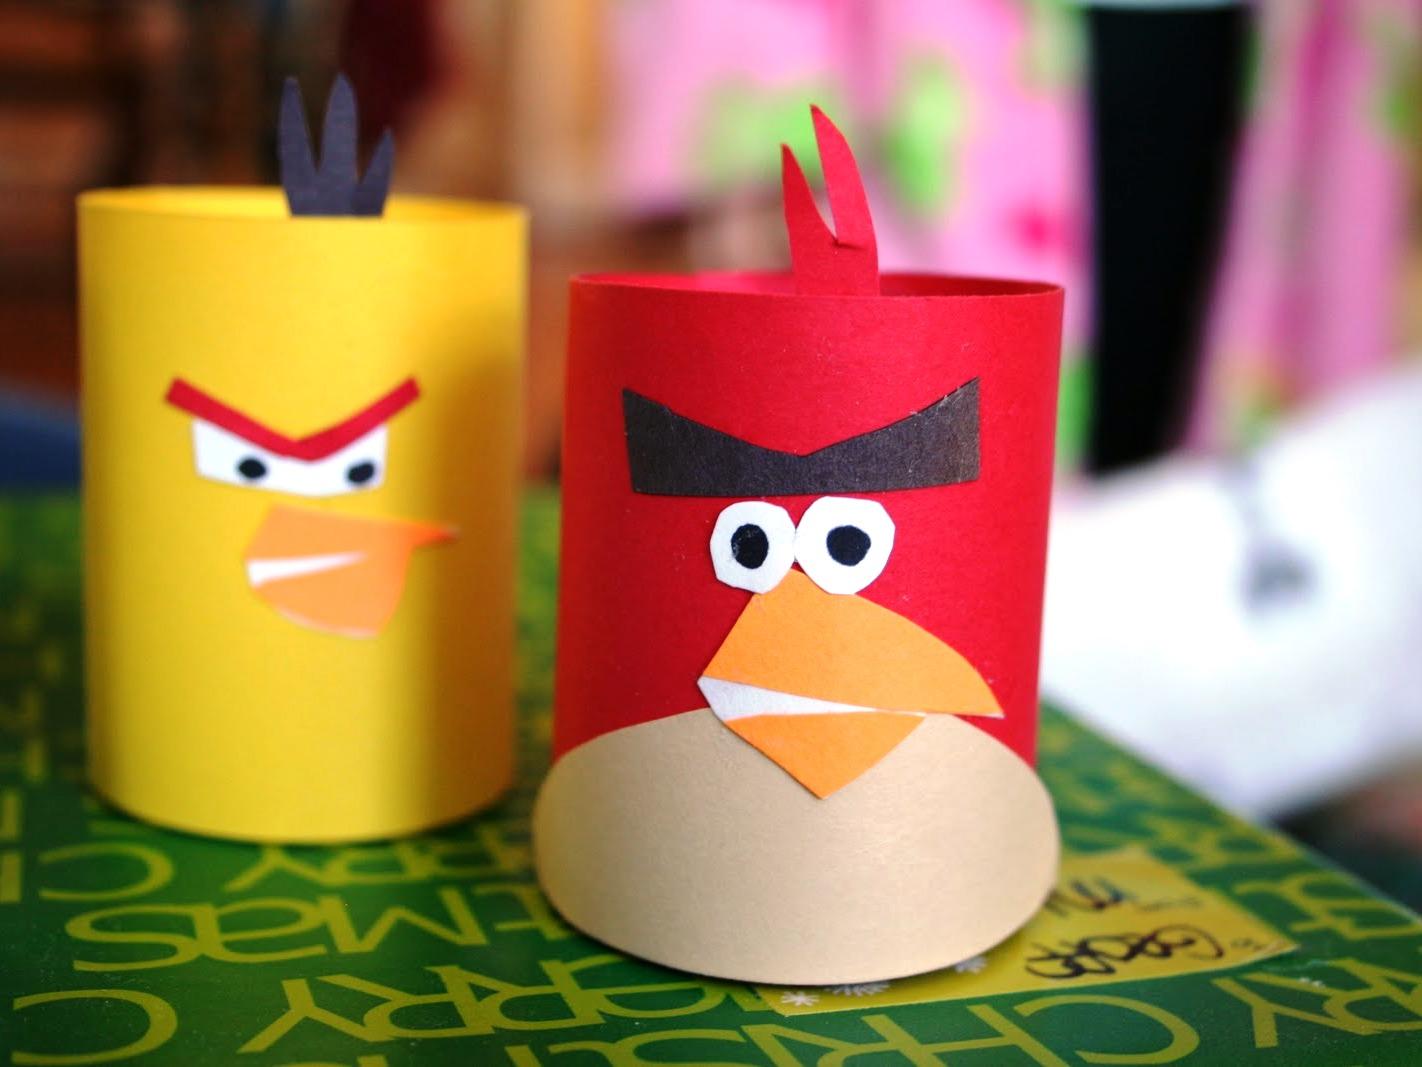 Из втулки можно сделать подставку для канцтоваров в виде птичек angry birds